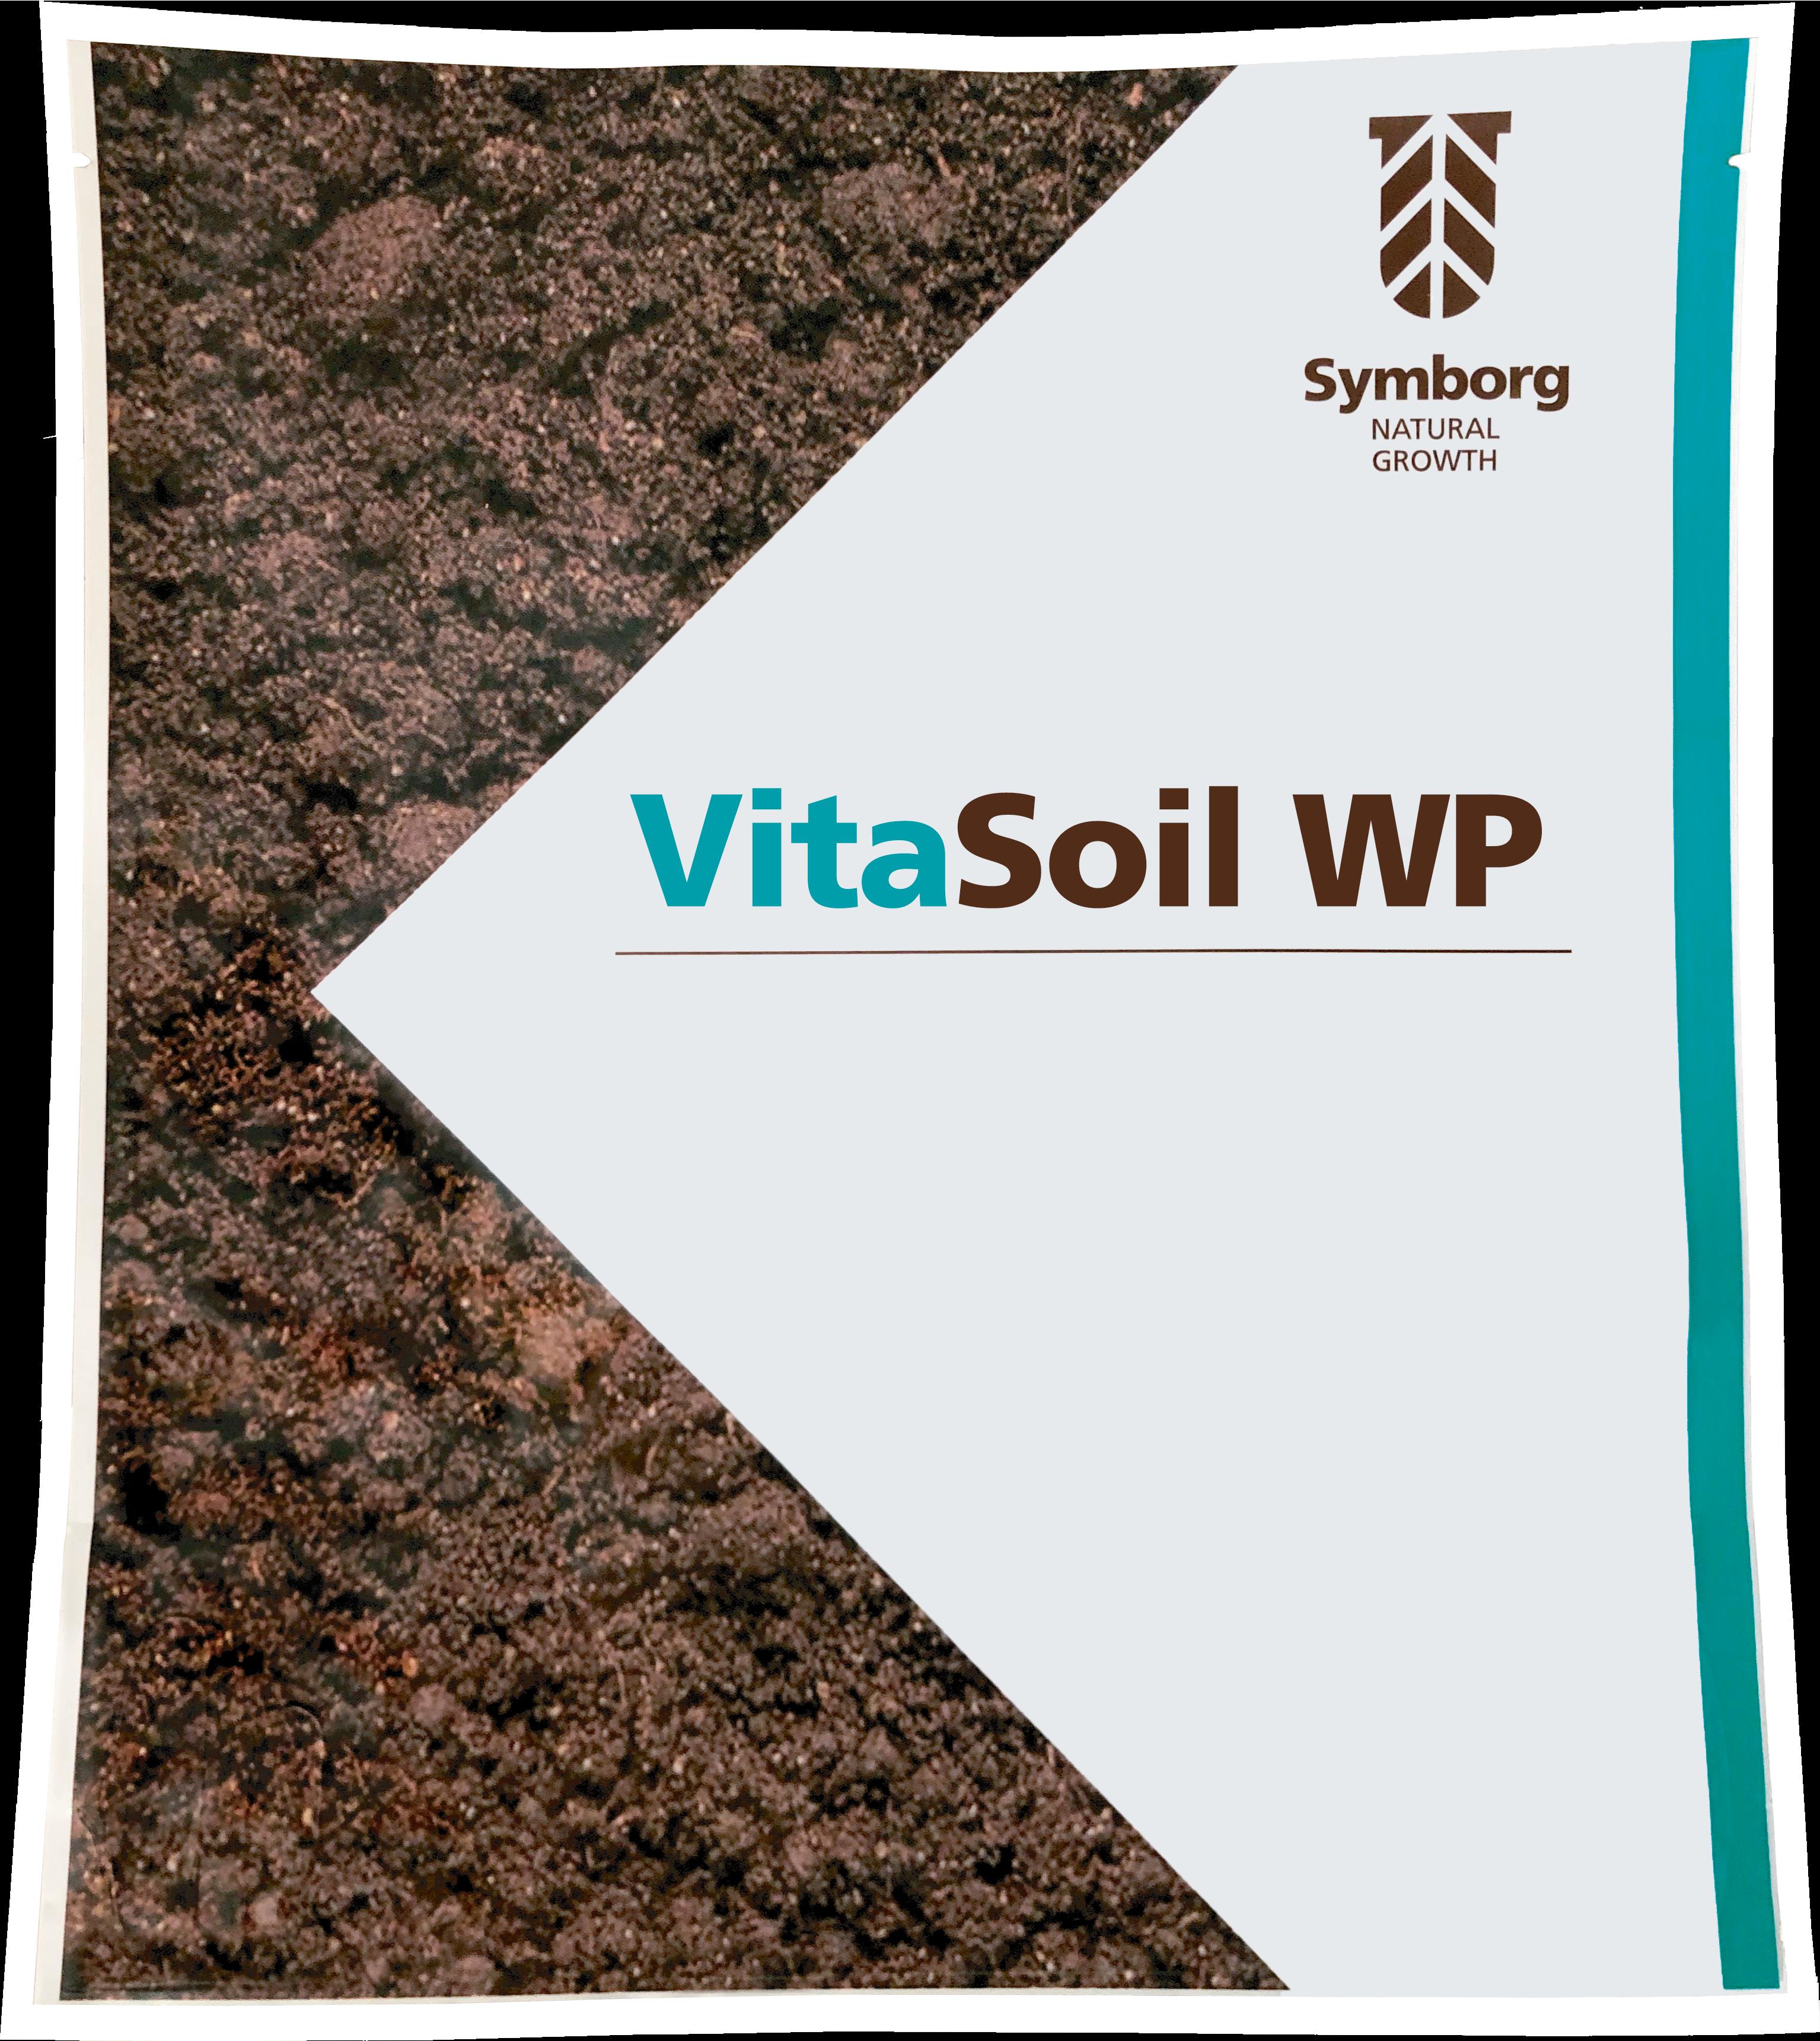 VitaSoil-WP-Bolsa.png